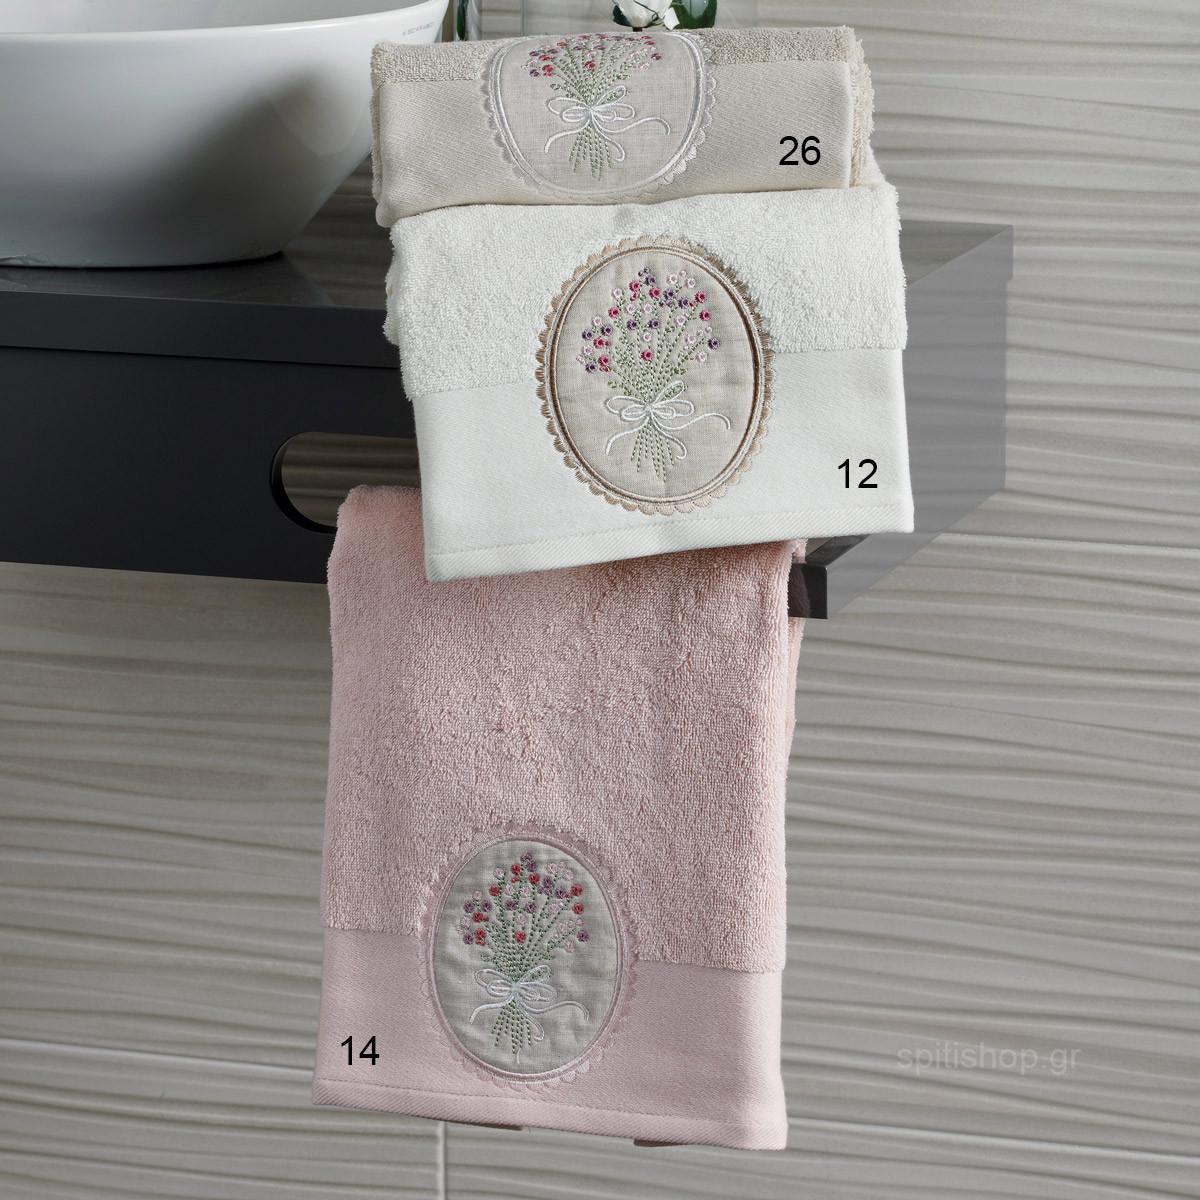 Πετσέτες Μπάνιου (Σετ 3τμχ) Kentia Bath Elena home   μπάνιο   πετσέτες μπάνιου